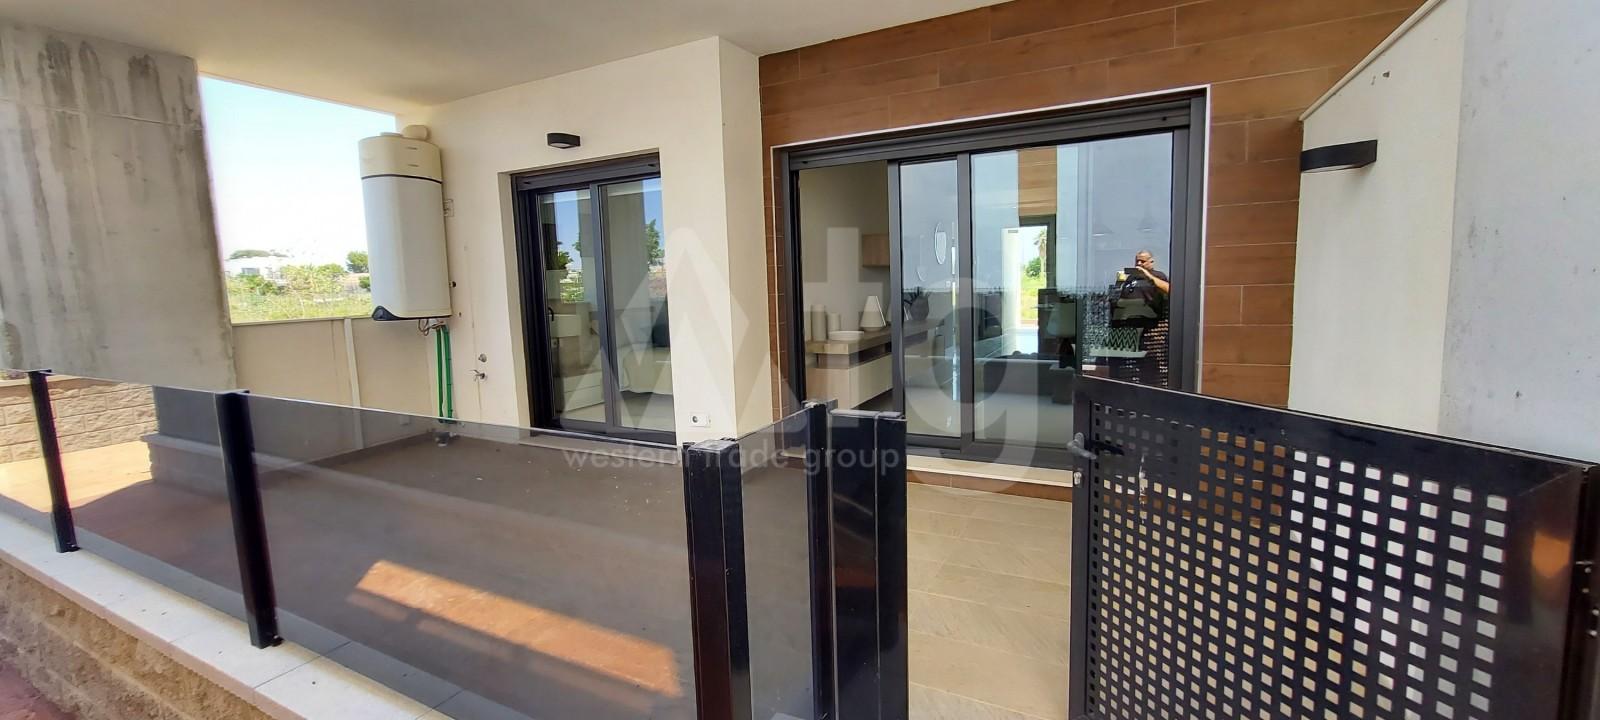 Apartament w Guardamar del Segura, 2 sypialnie  - DI6350 - 4